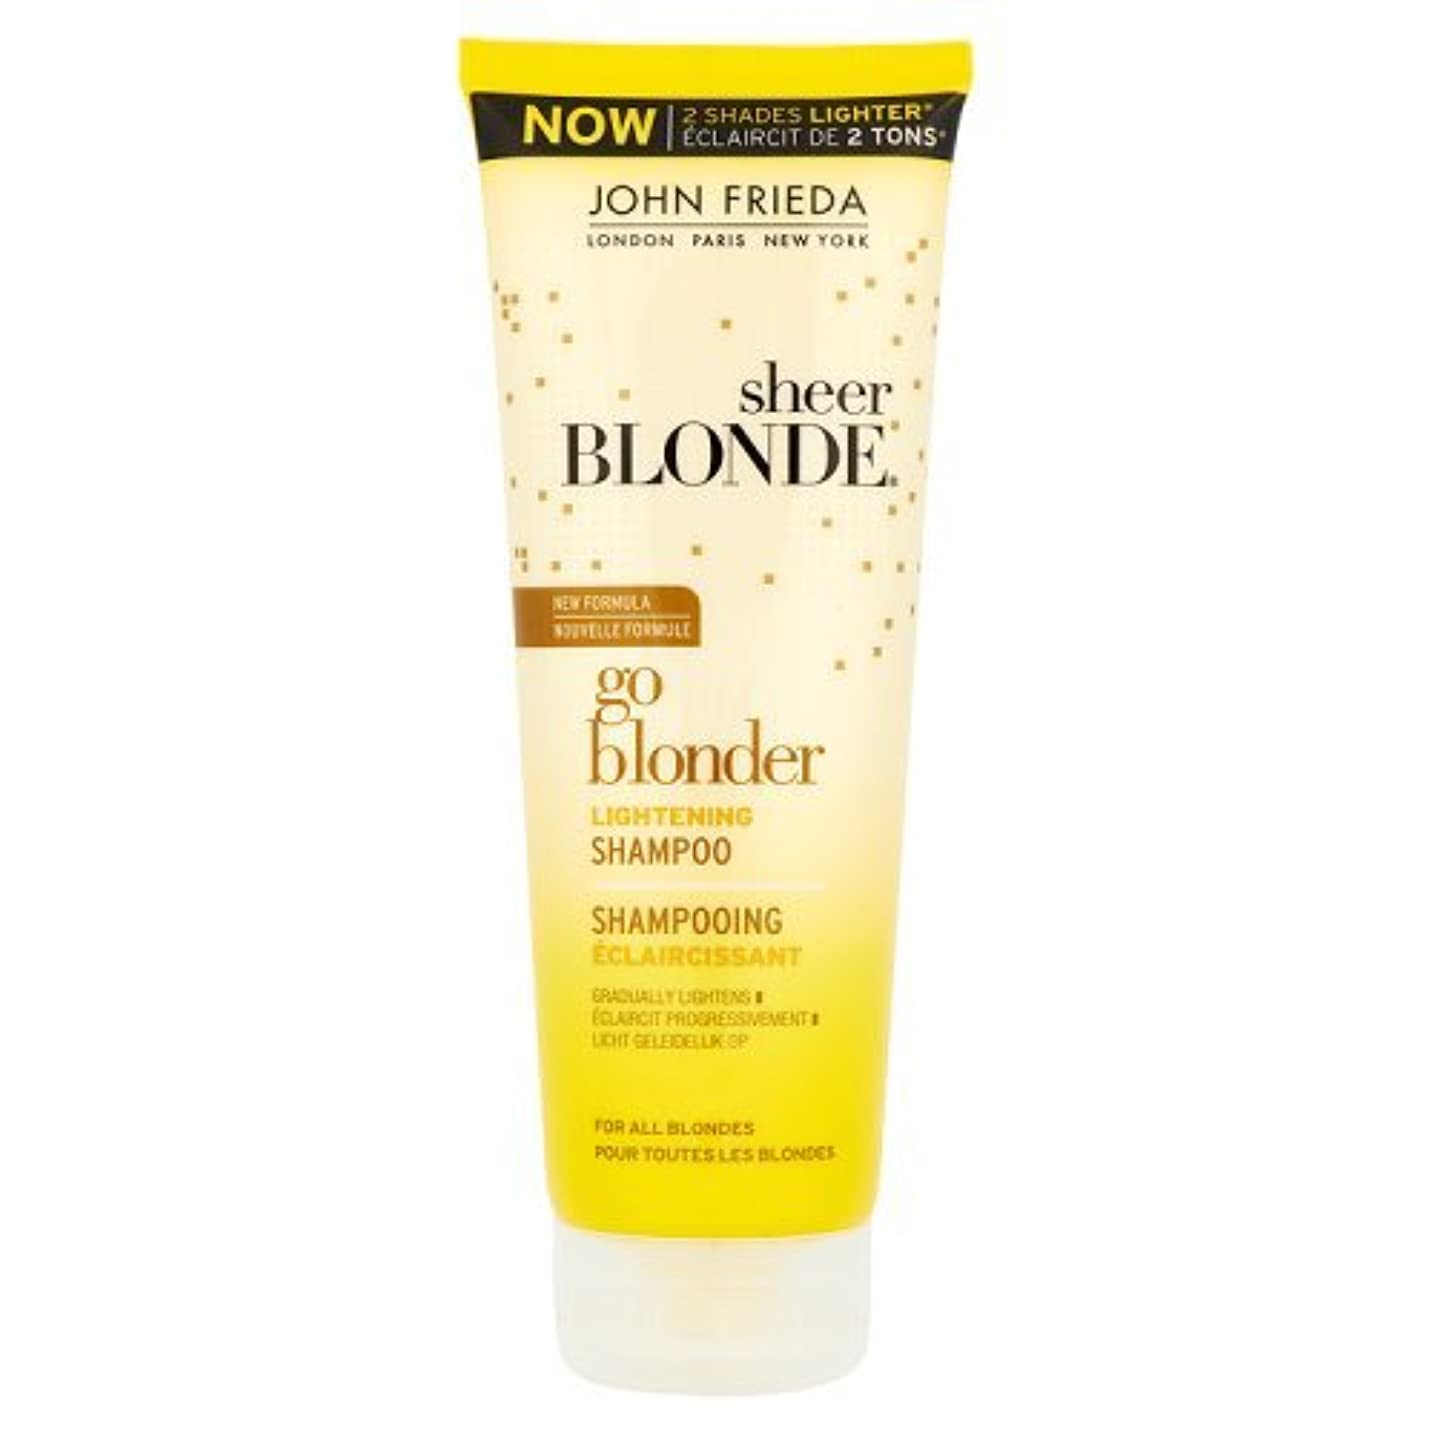 本土区別に勝るJohn Frieda Sheer Blonde Go Blonder Lightening Shampoo 250ml